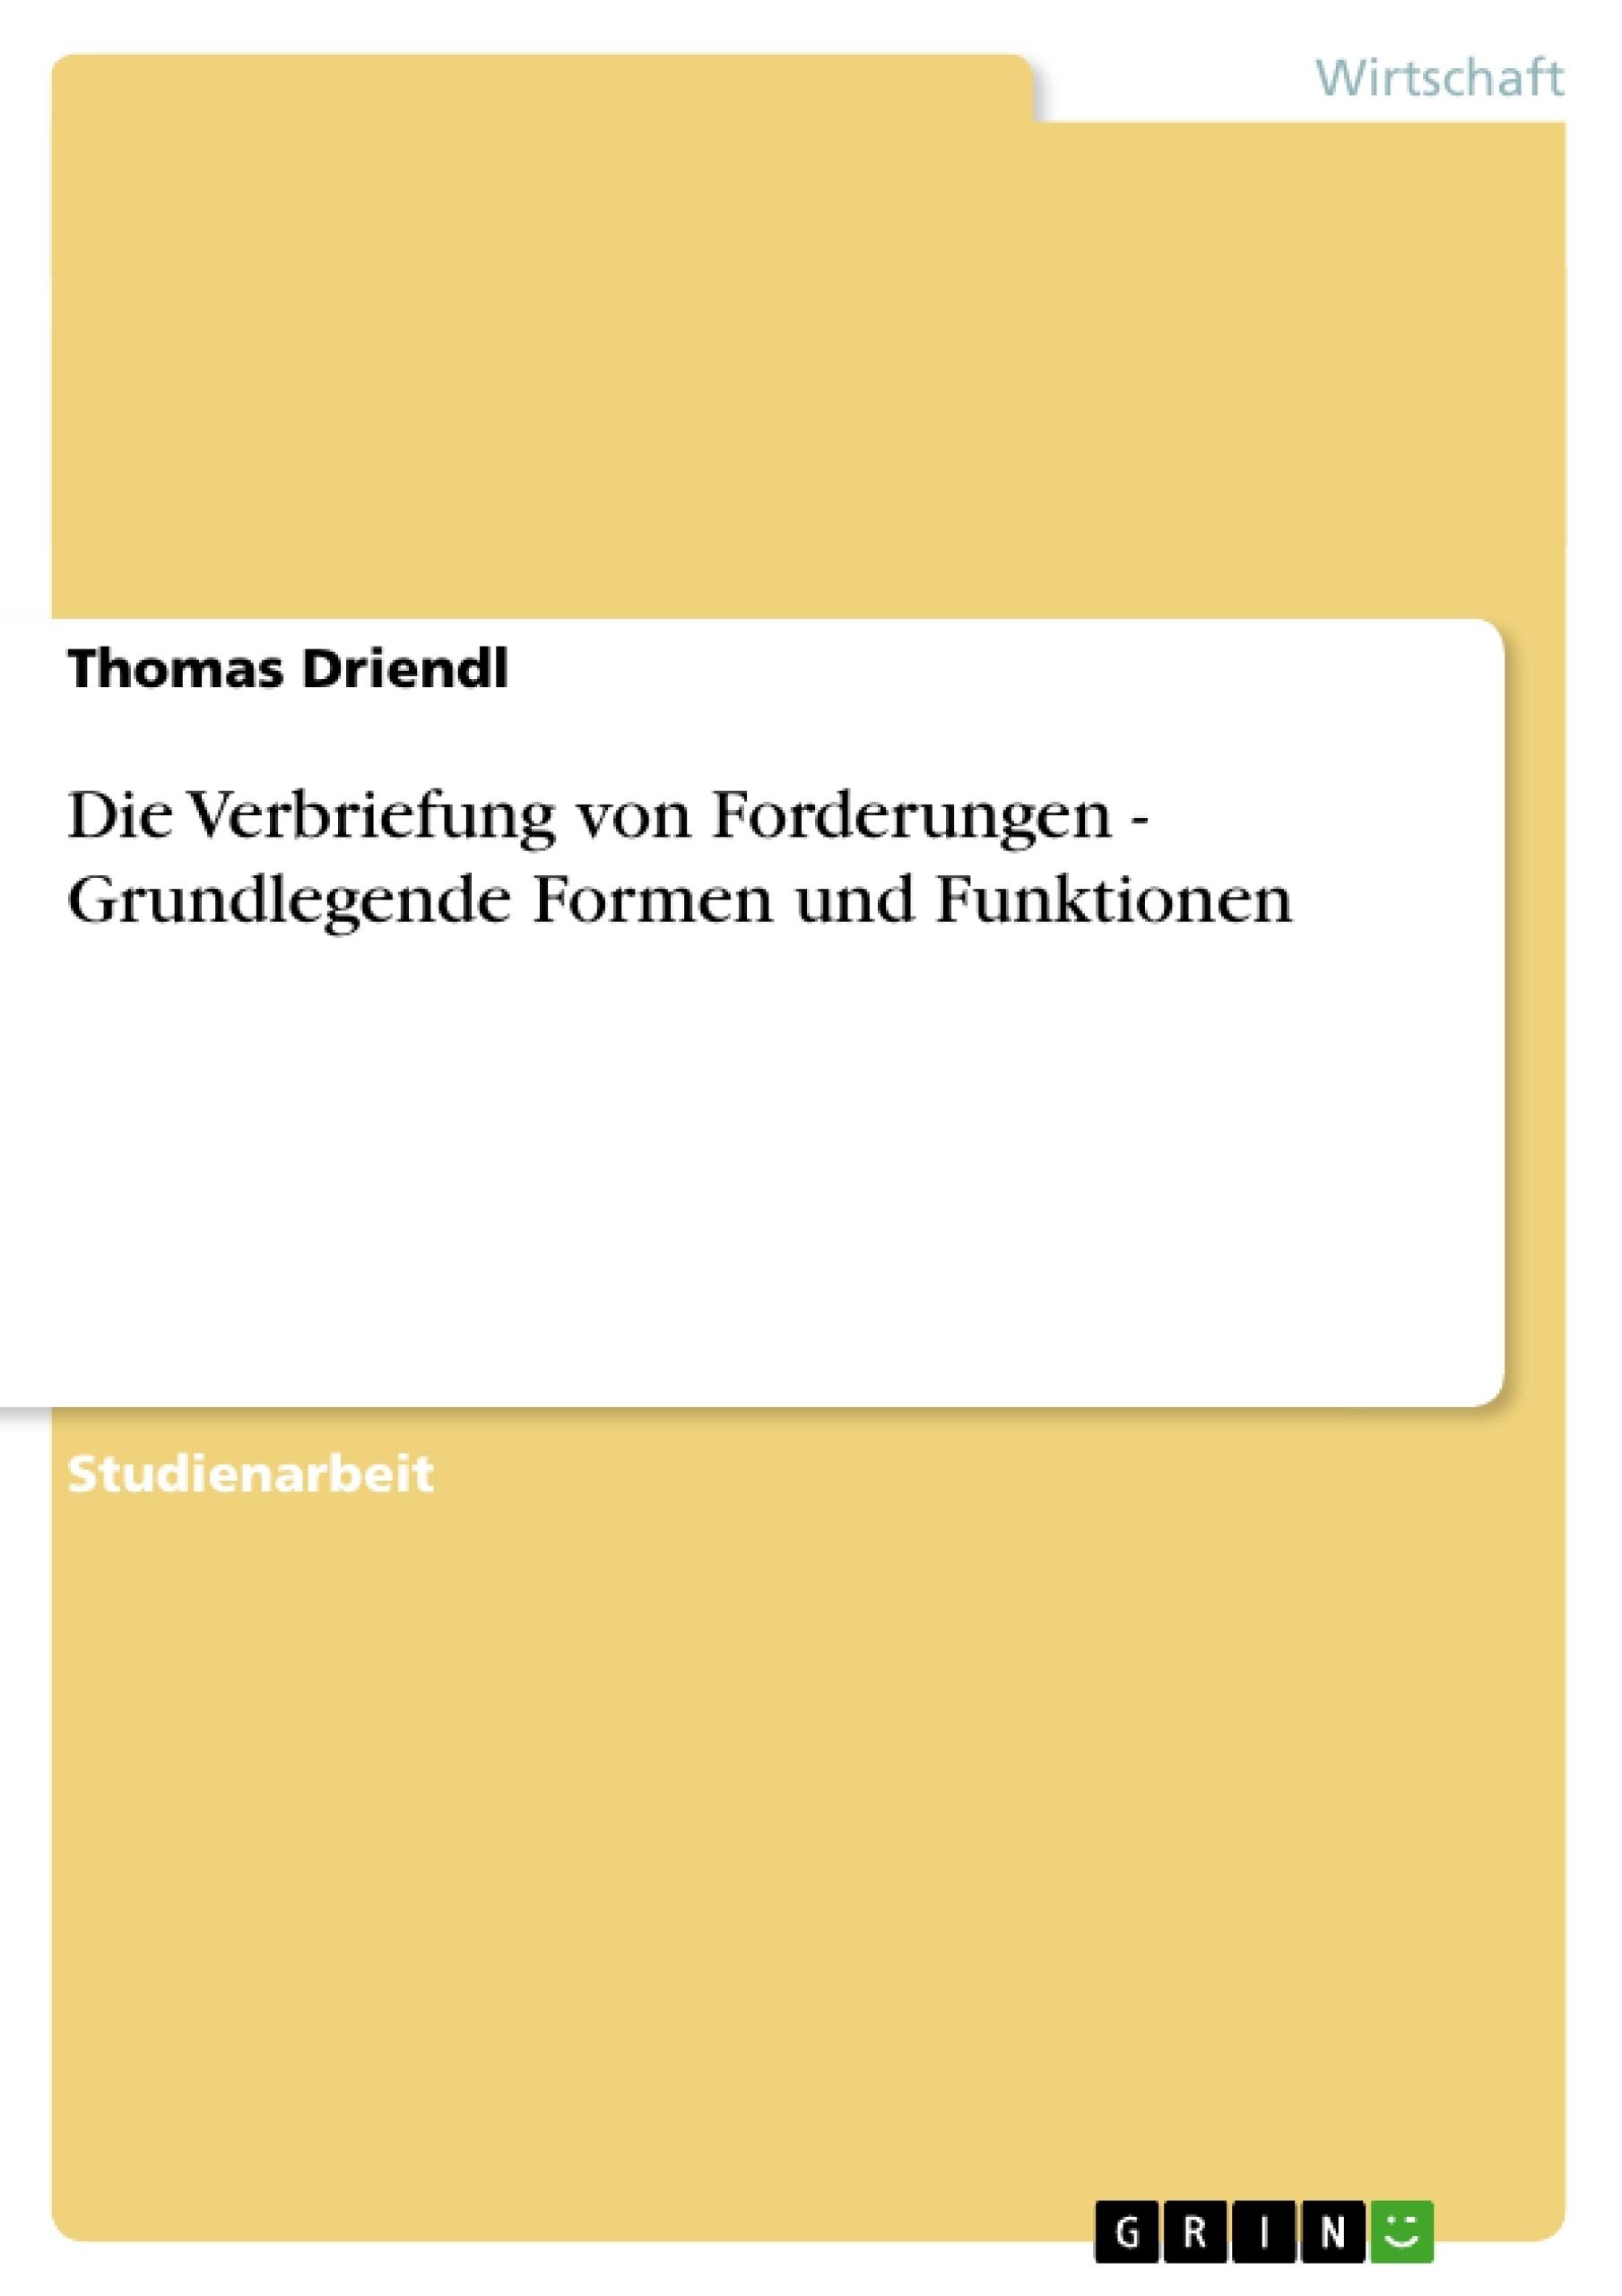 Titel: Die Verbriefung von Forderungen - Grundlegende Formen und Funktionen